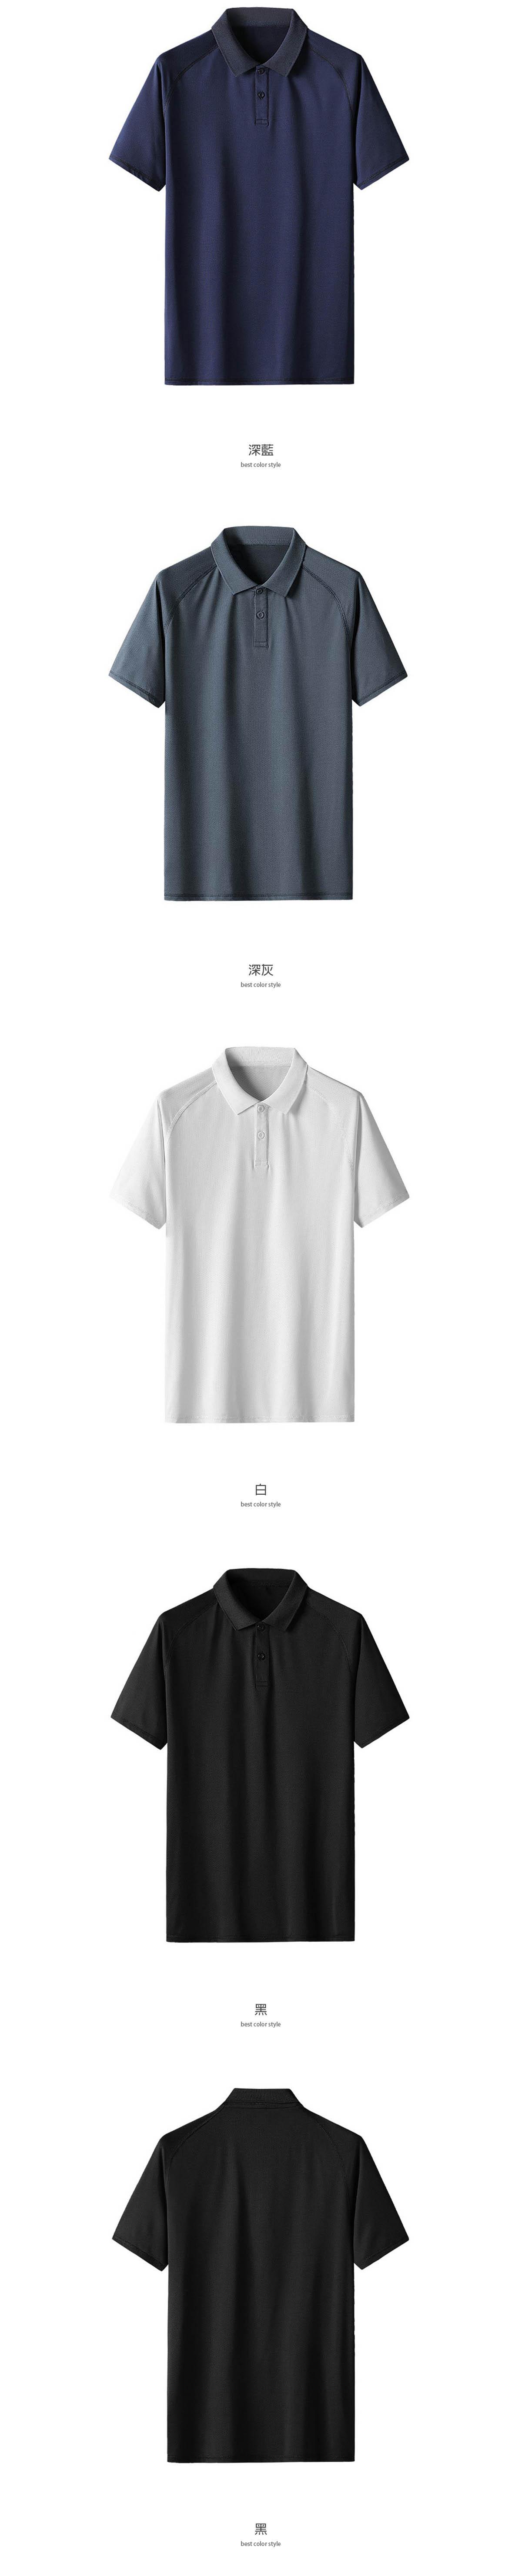 彈力速乾透氣休閒短袖polo衫